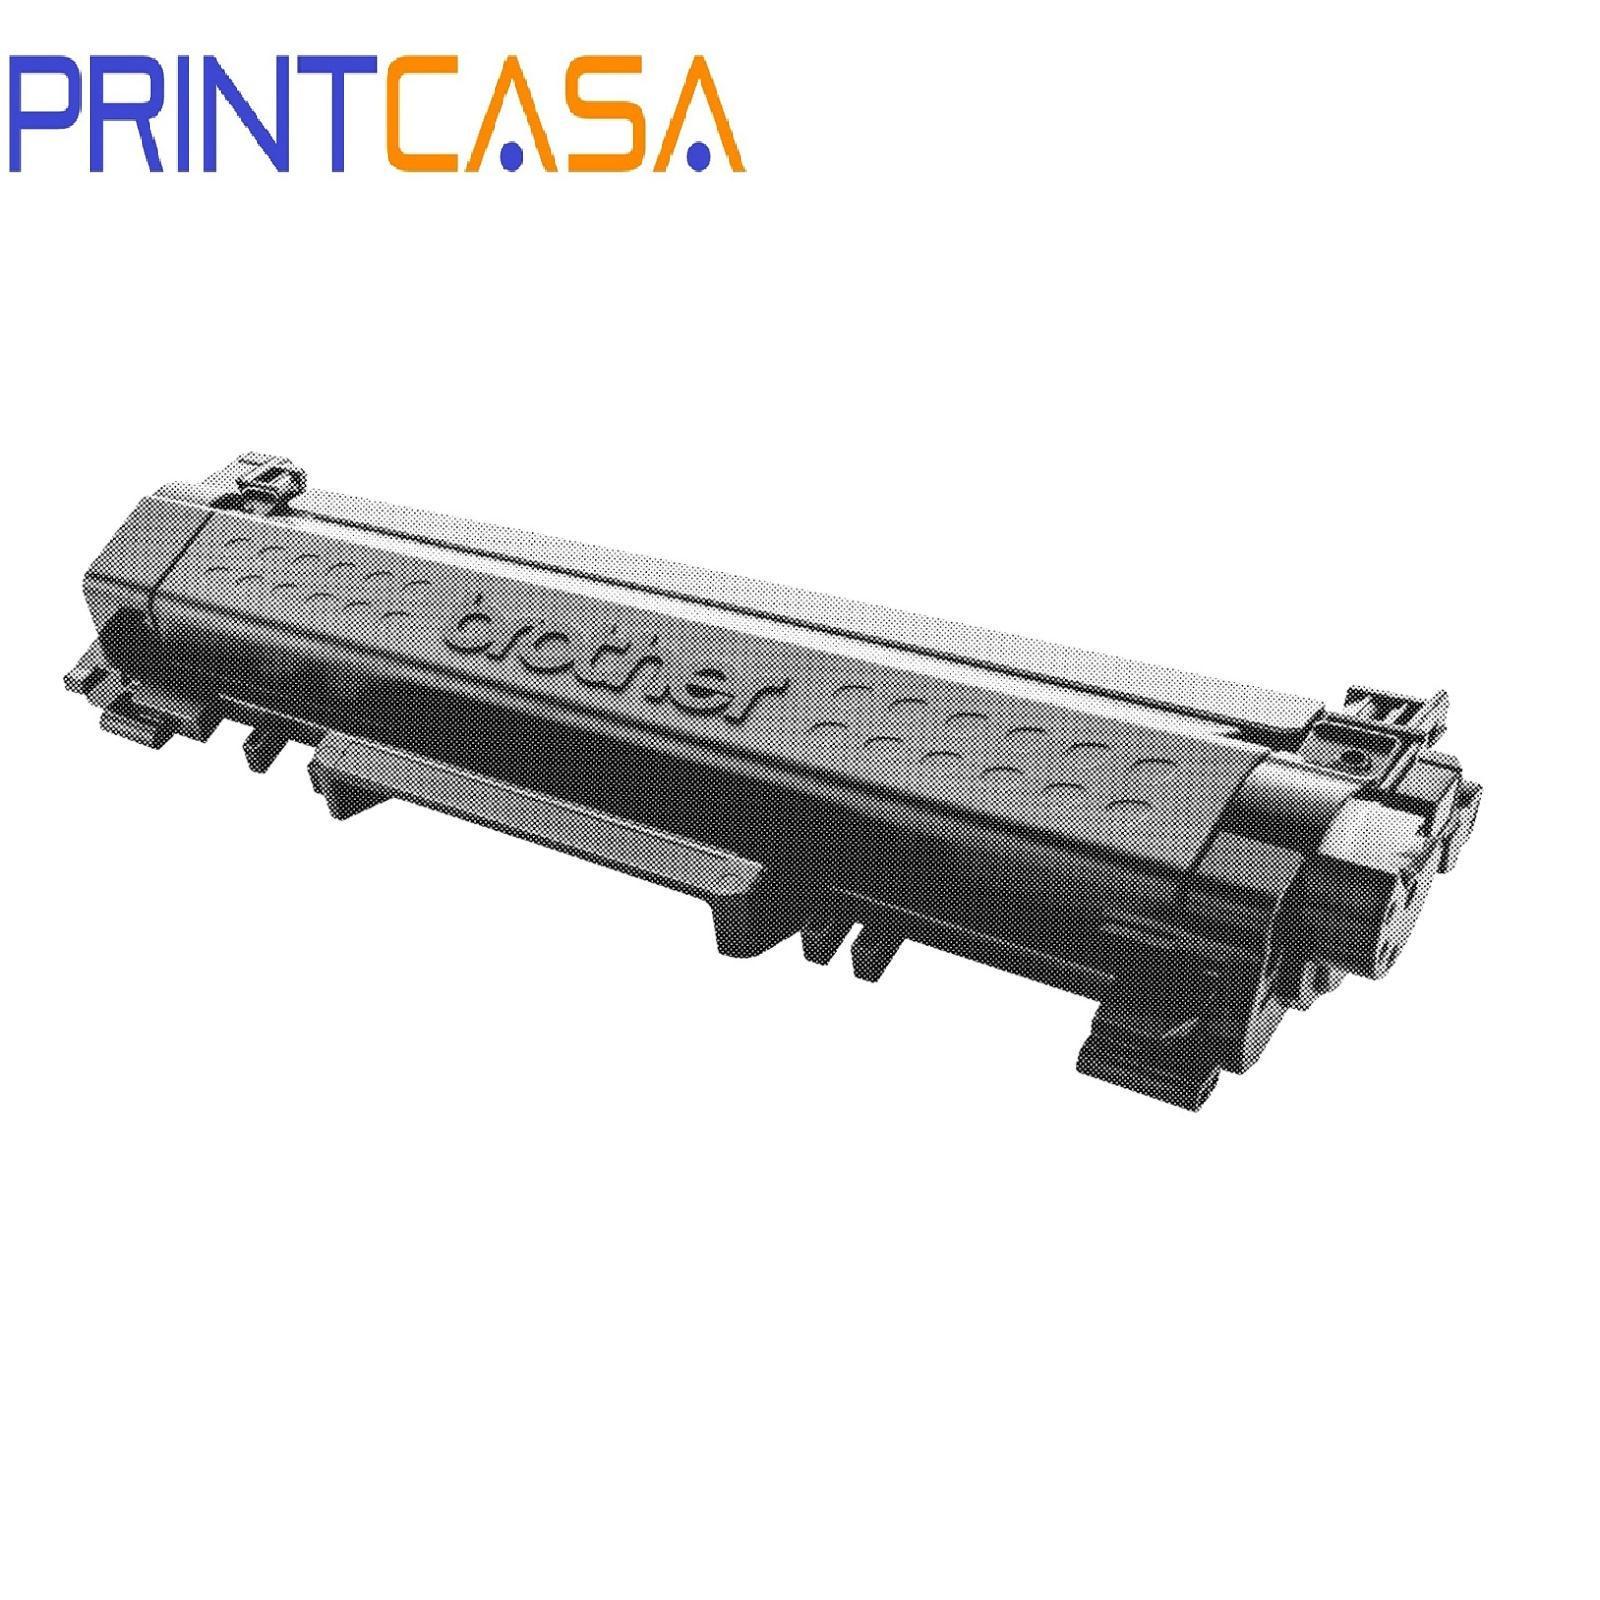 Brother Tn-2480 Compatible Toner / Dcp-L2535dw, Dcp-L2550dw, Hl-L2375dw, Mfc-L2715dw, Mfc-L2750dw By Printcasa Pte Ltd.